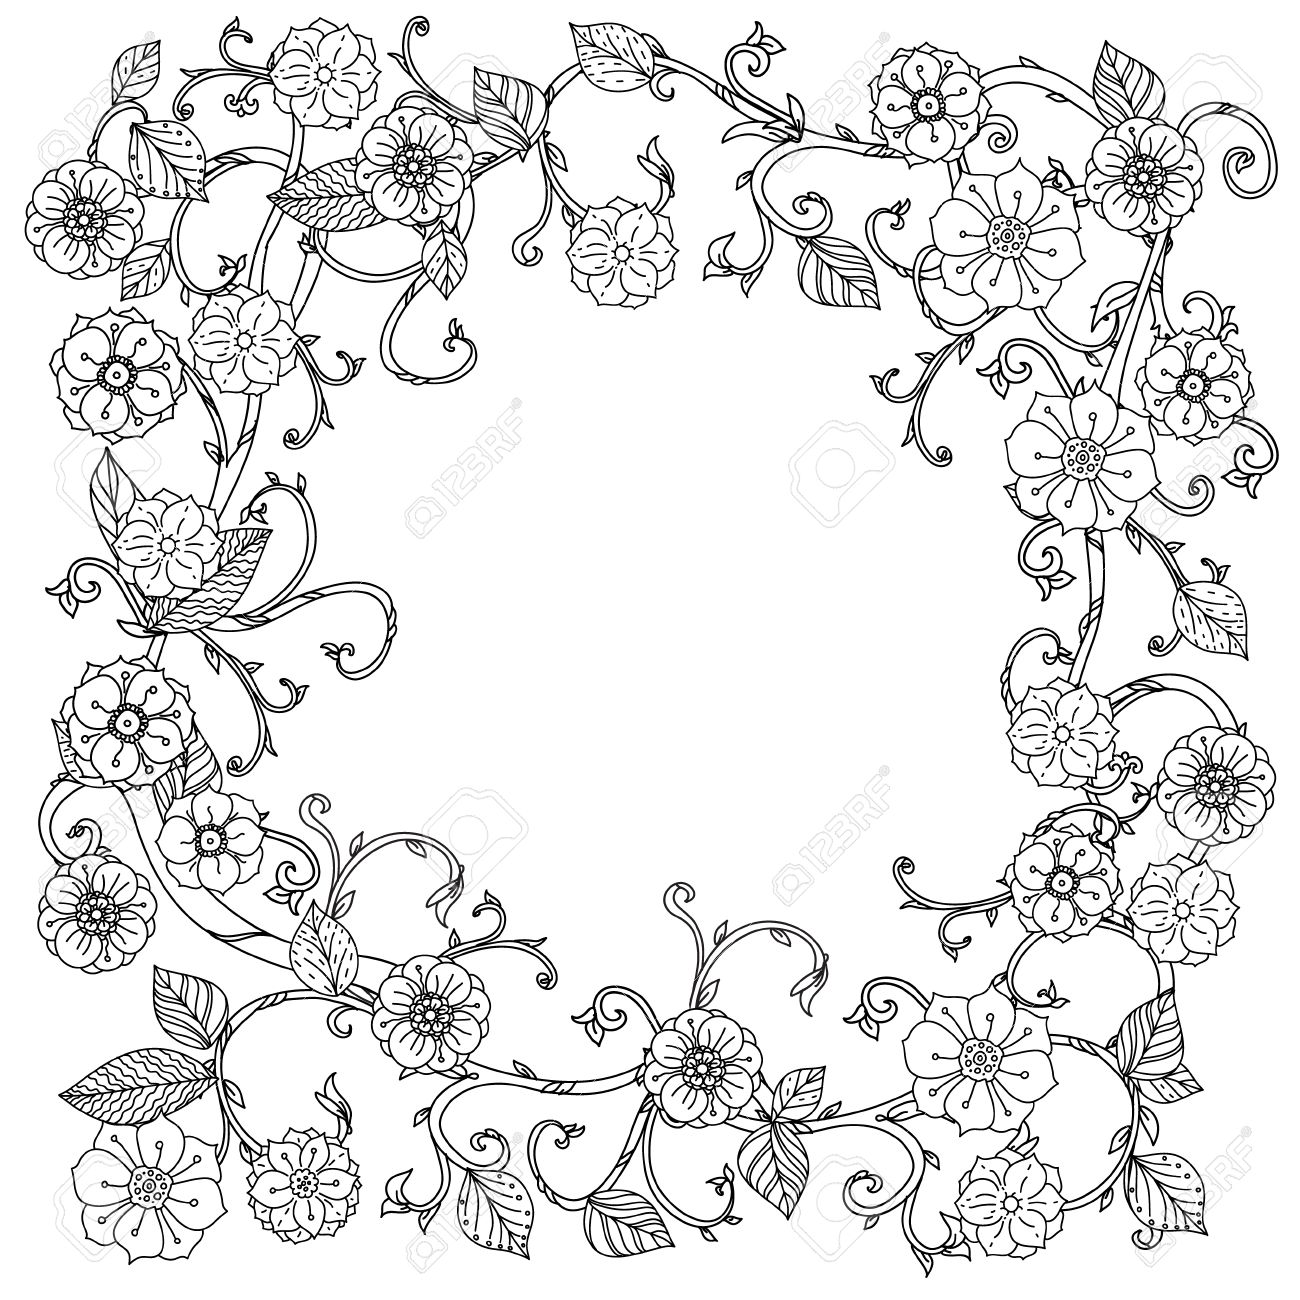 Coloriage Cadre Fleur.Incolore Noir Et Fleurs Blanches Cadre Pour Adultes Livre De